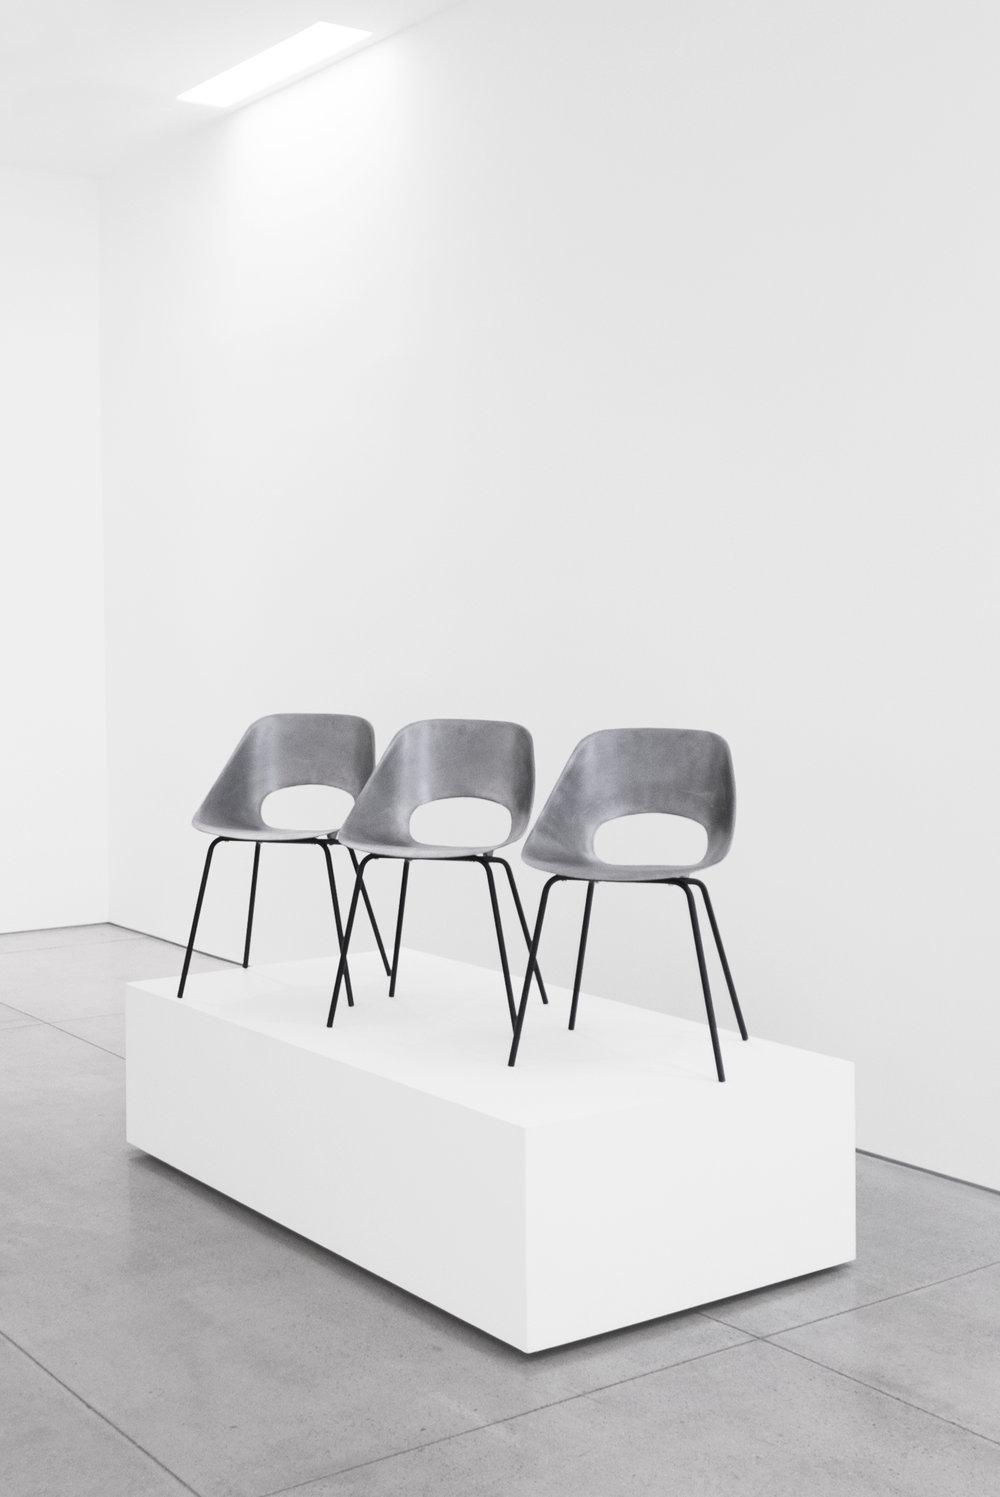 All Chairs 2.jpg